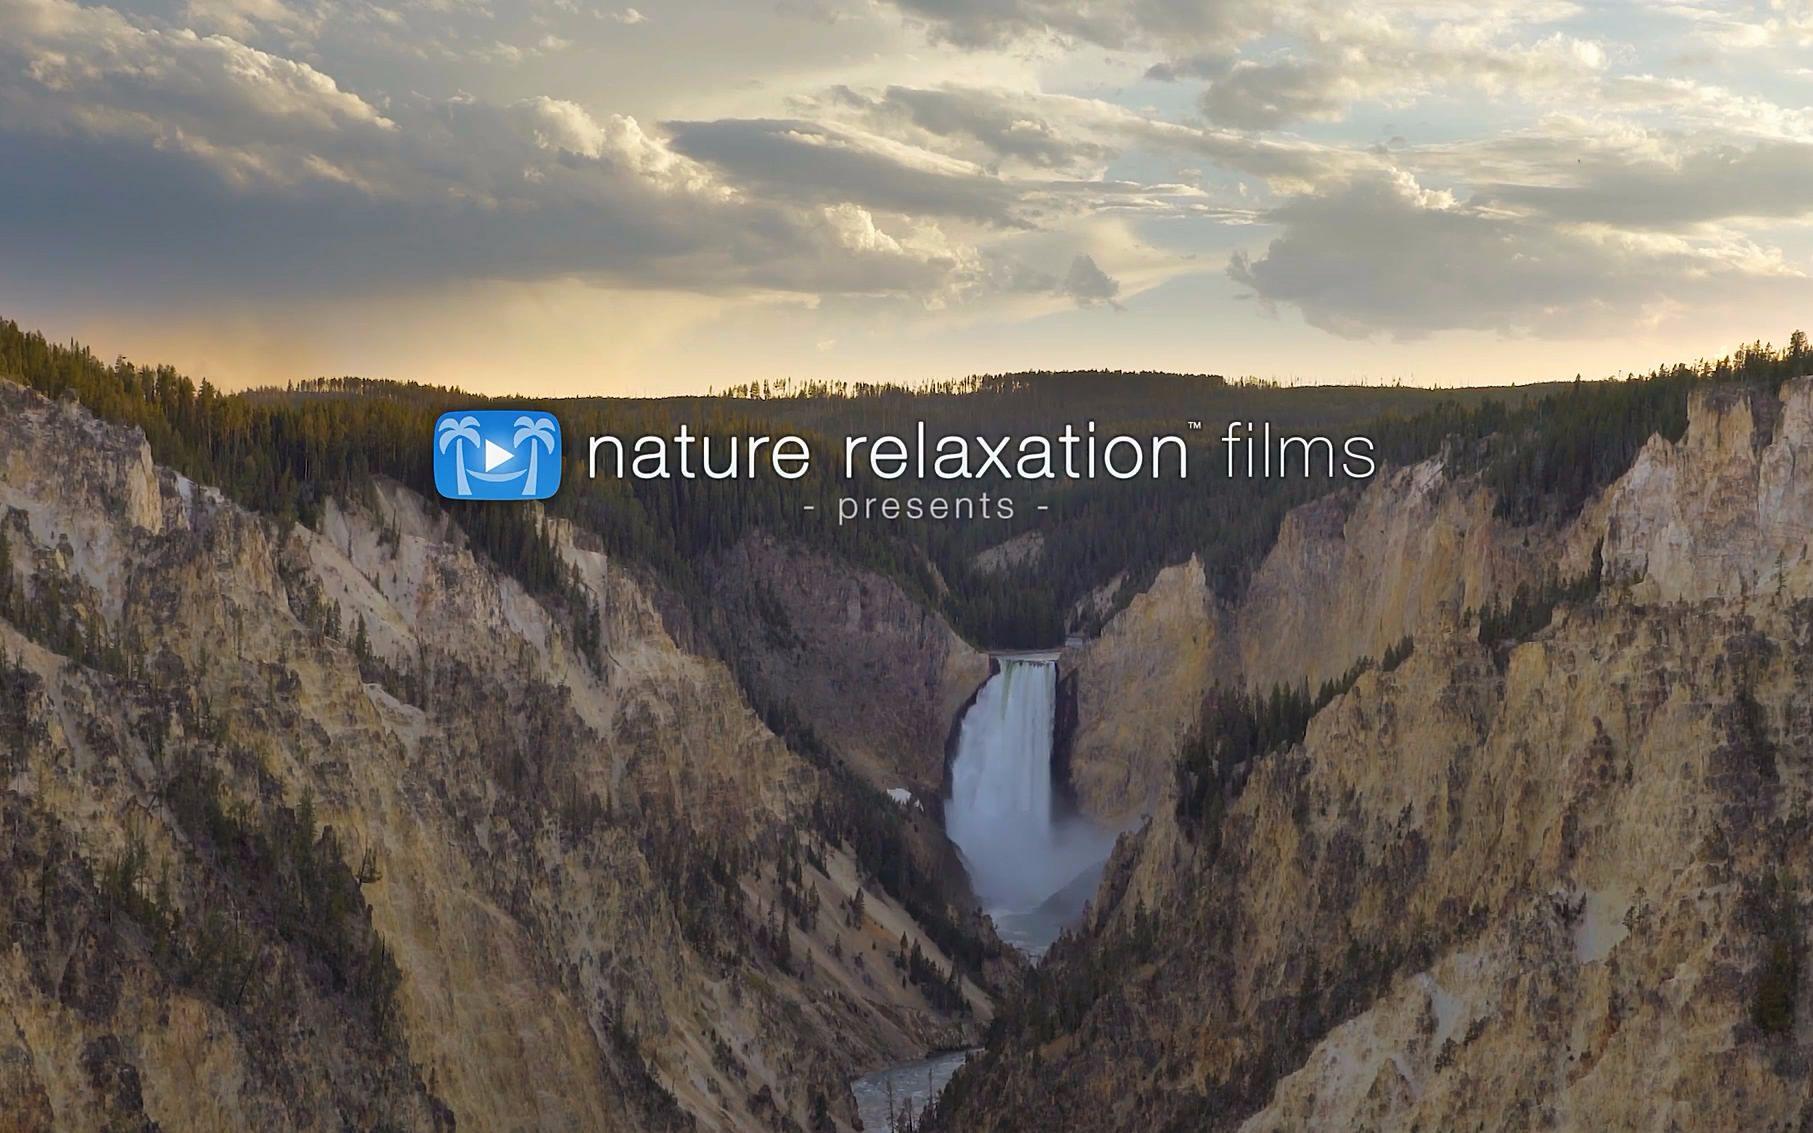 【自然/治愈】黄石公园的夏天-Summer in Yellowstone(大自然的寂静)_哔哩哔哩 (゜-゜)つロ 干杯~-bilibili